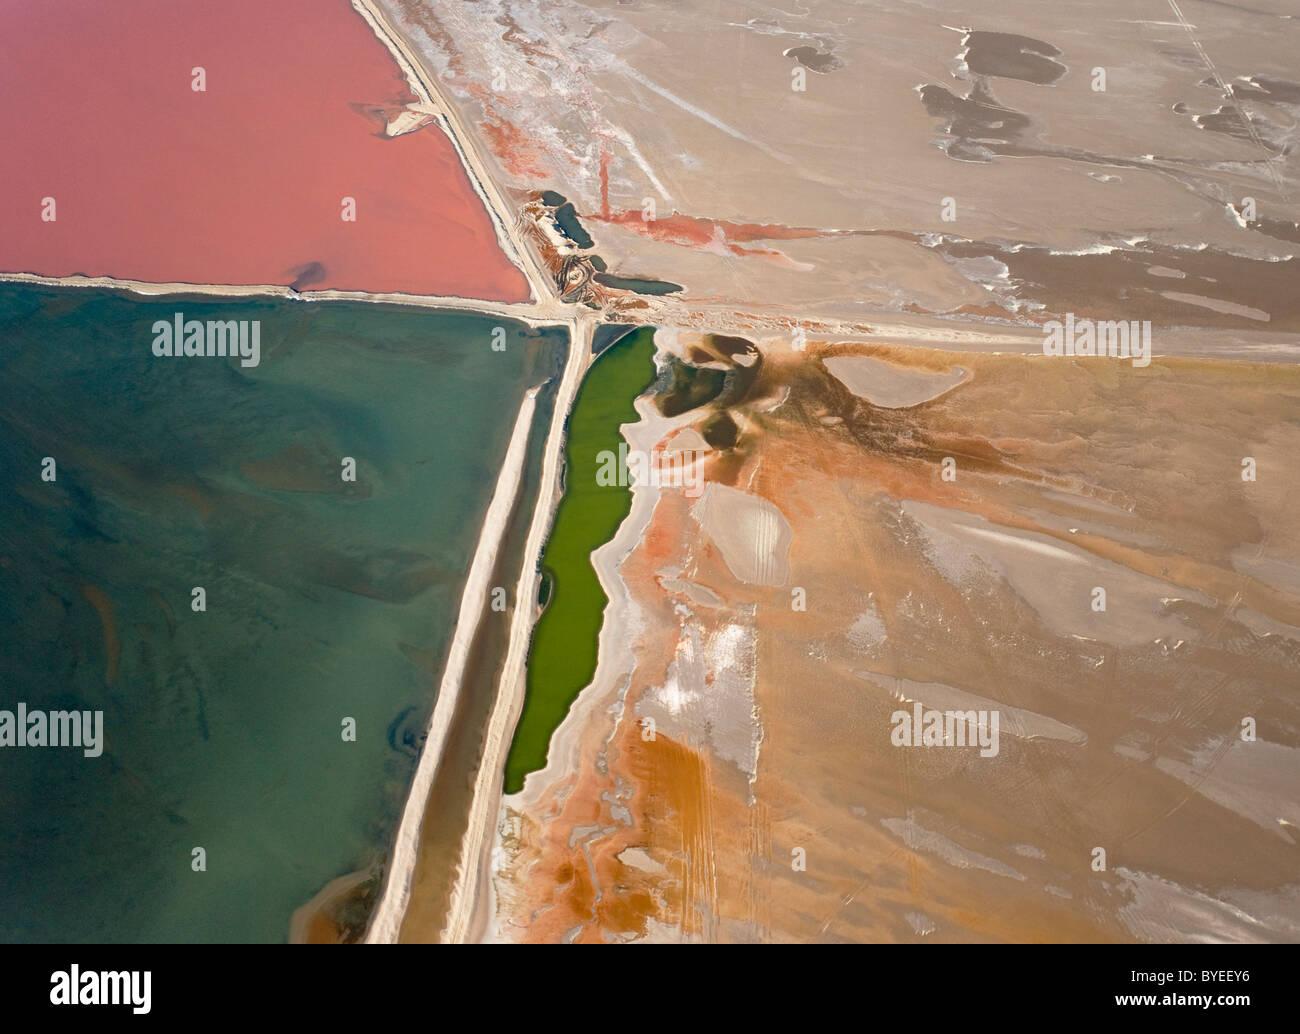 Vista aerea dell'acqua salina a sale opere di Walvis Bay tra il deserto del Namib e Oceano Atlantico. Immagini Stock